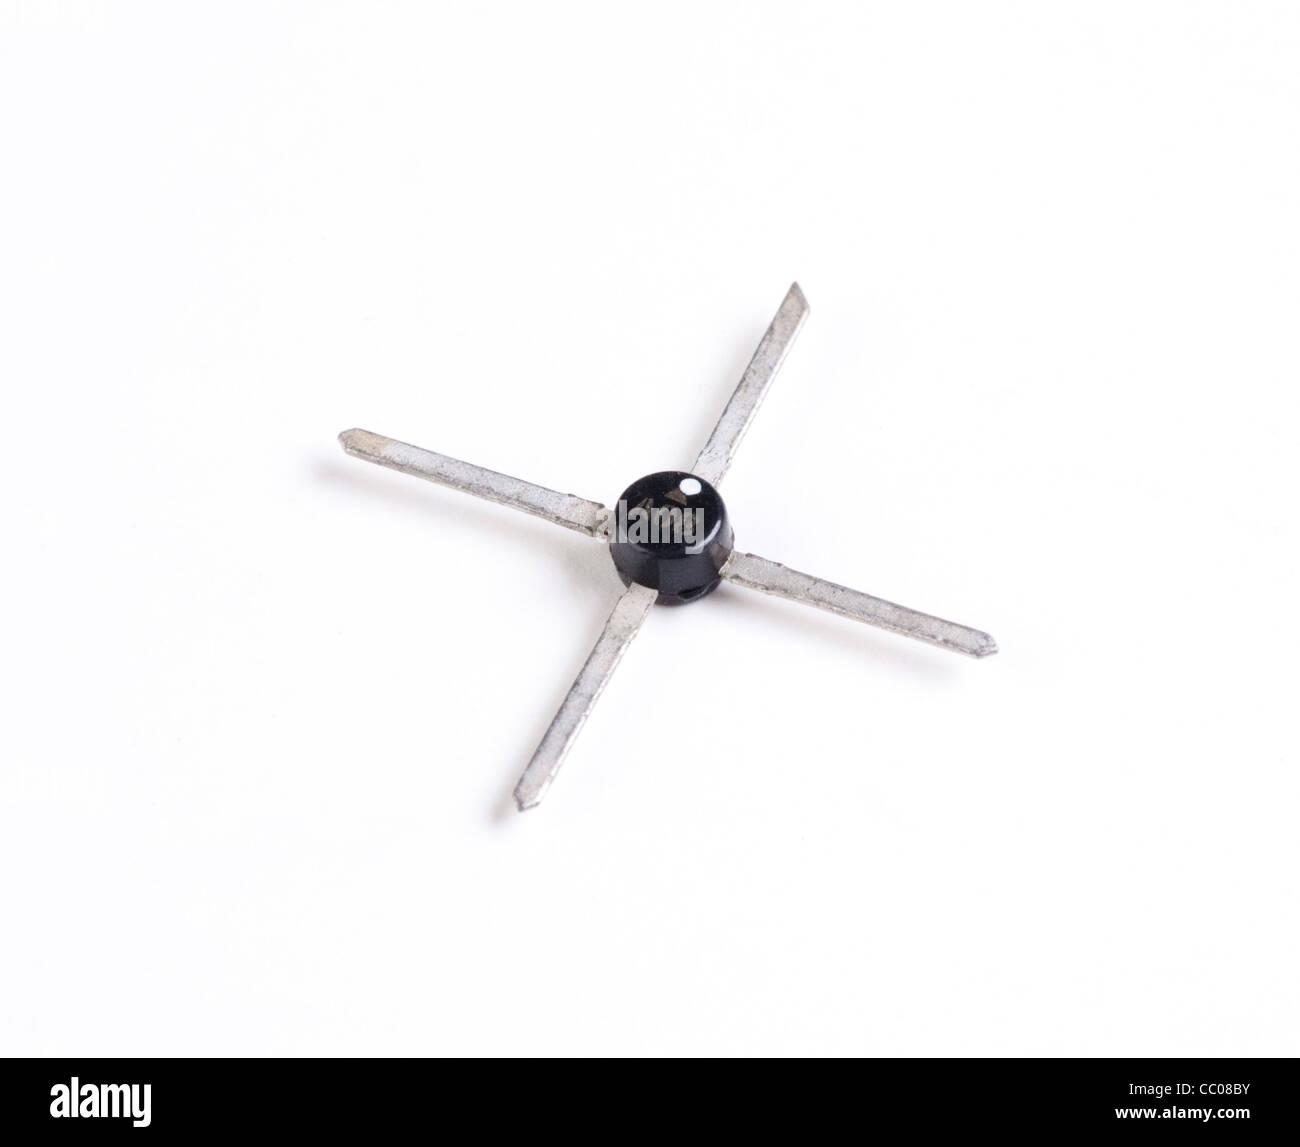 RF / frequenza microonde transistor usato per amplificatori a microonde Foto Stock